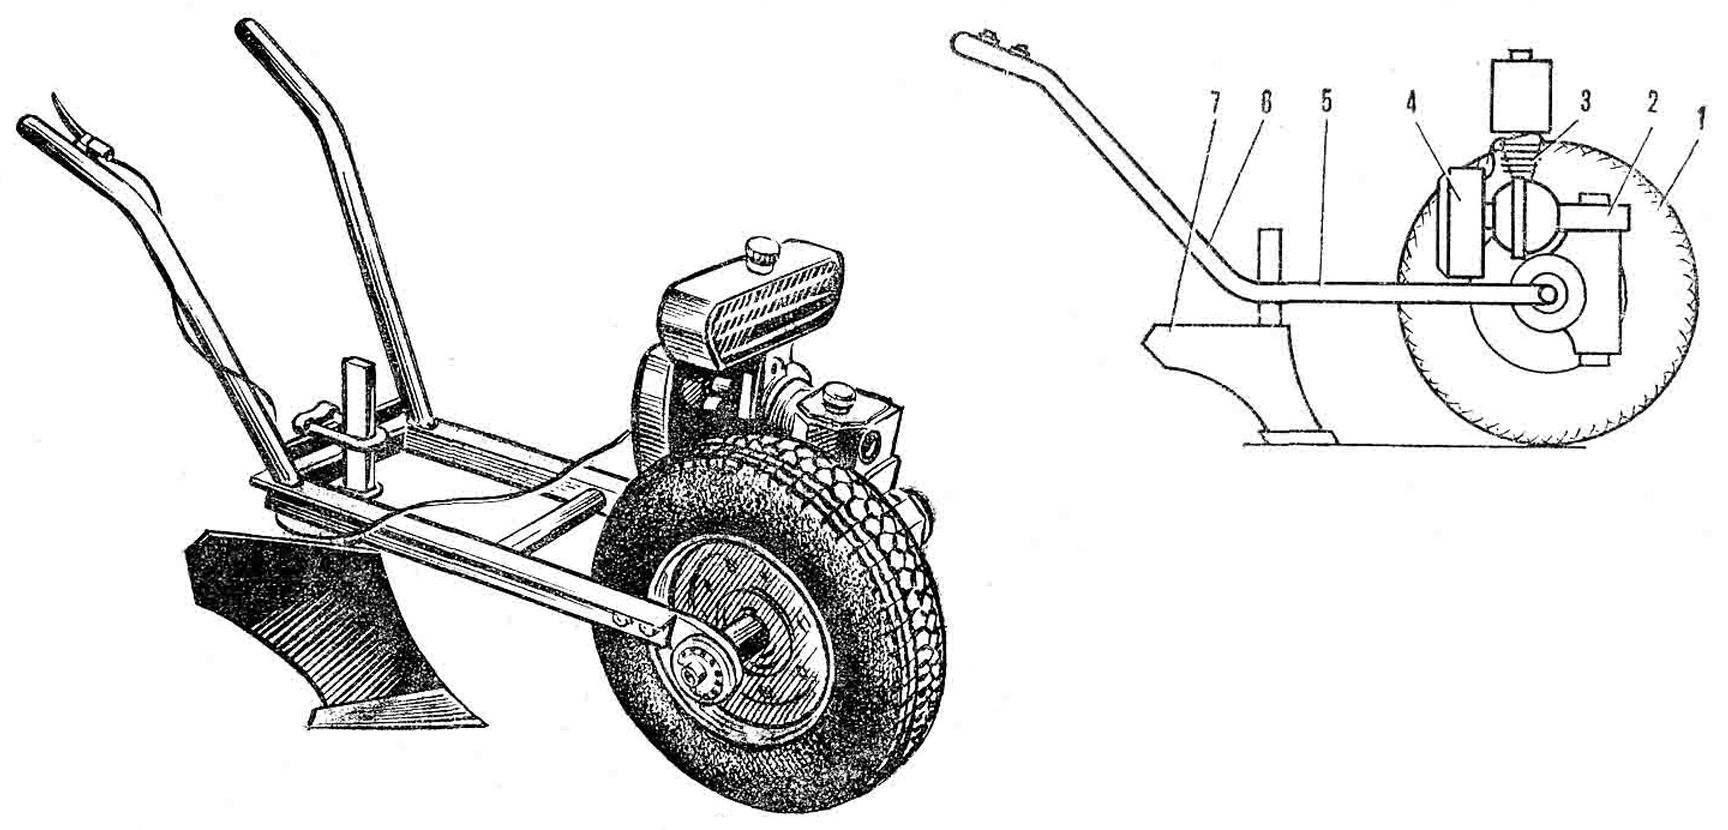 Мотоплуг: внешний вид (слева) и схема